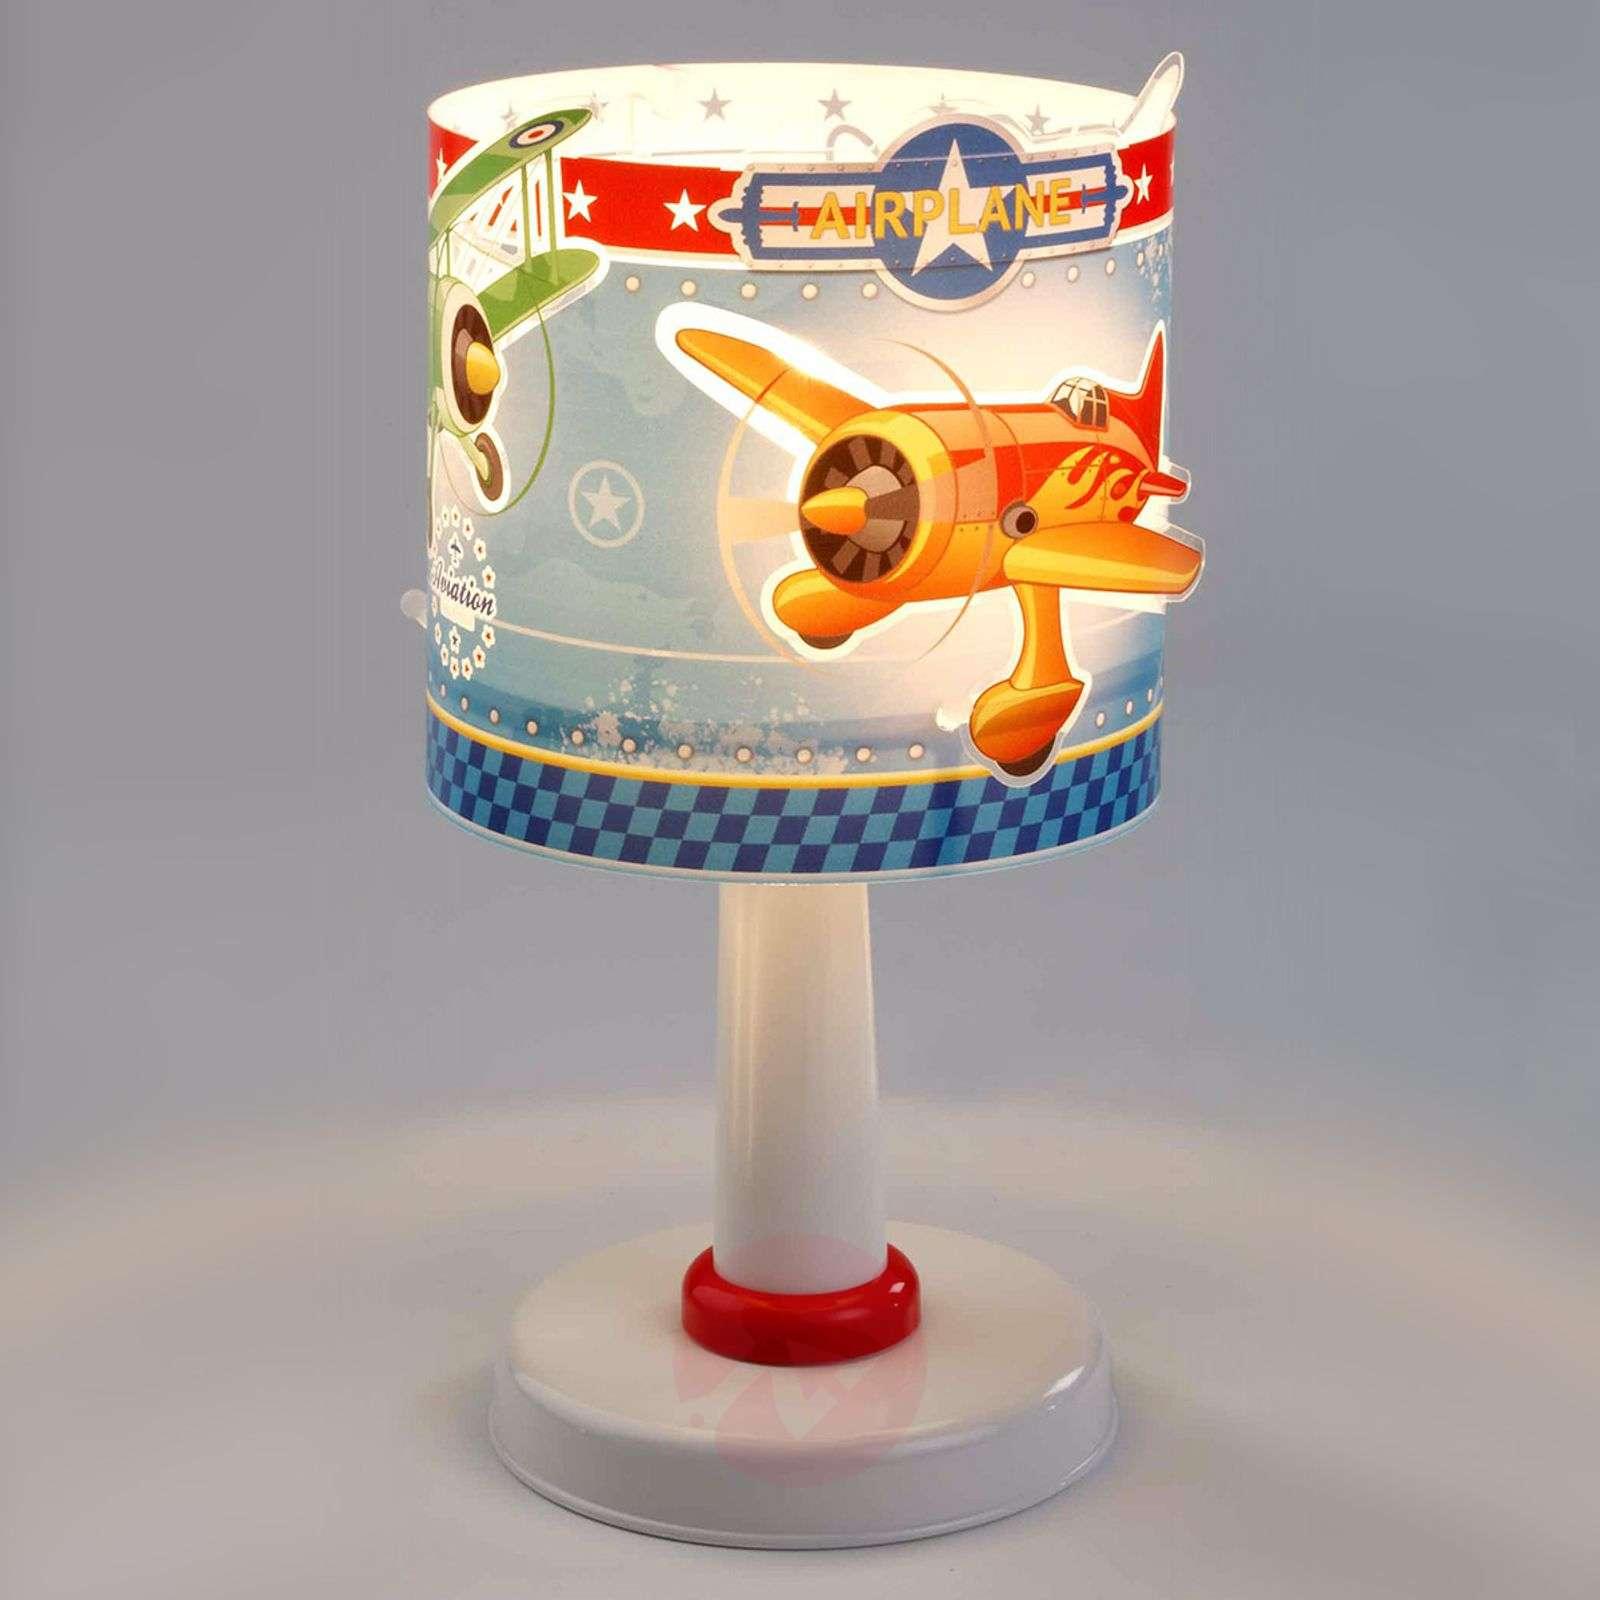 Childrens night stand lamp Airplane-2507287-01